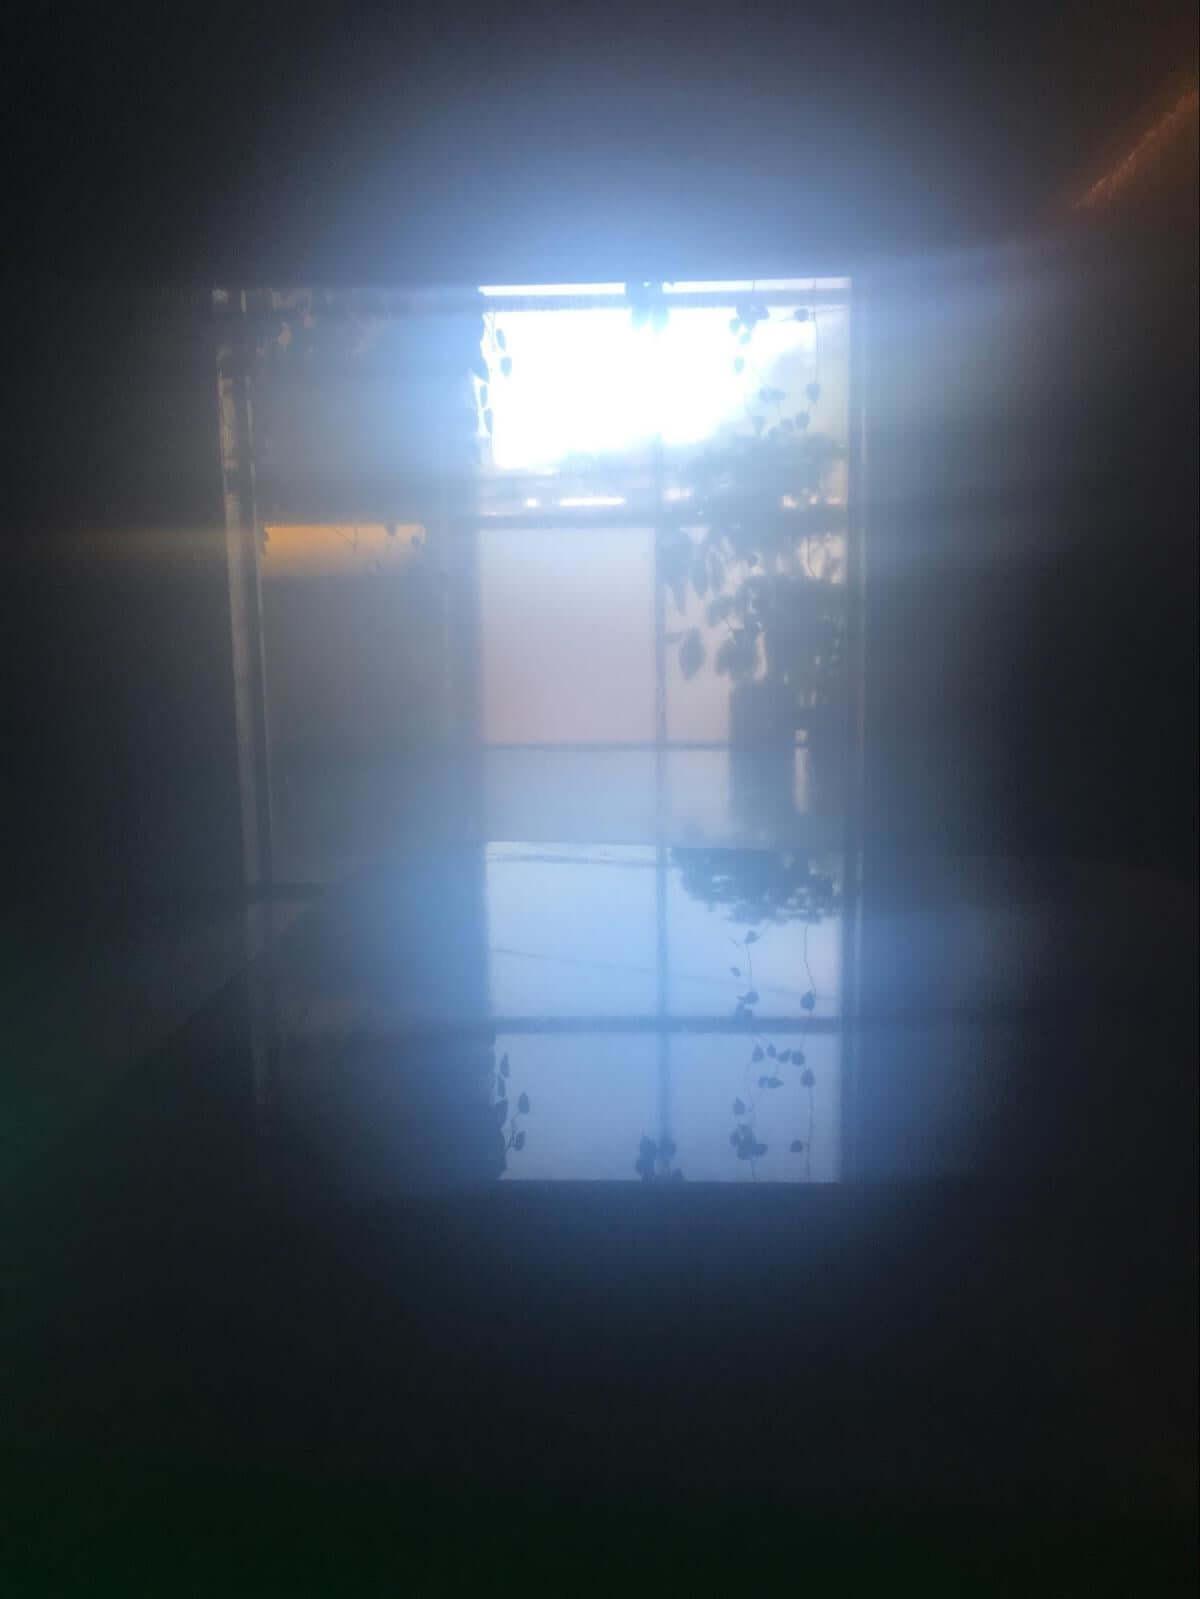 教会のサウナ|ノガミカツキの世界のサウナ vol.2 pickup_kyoukai-sauna_nogami_15-1200x1599